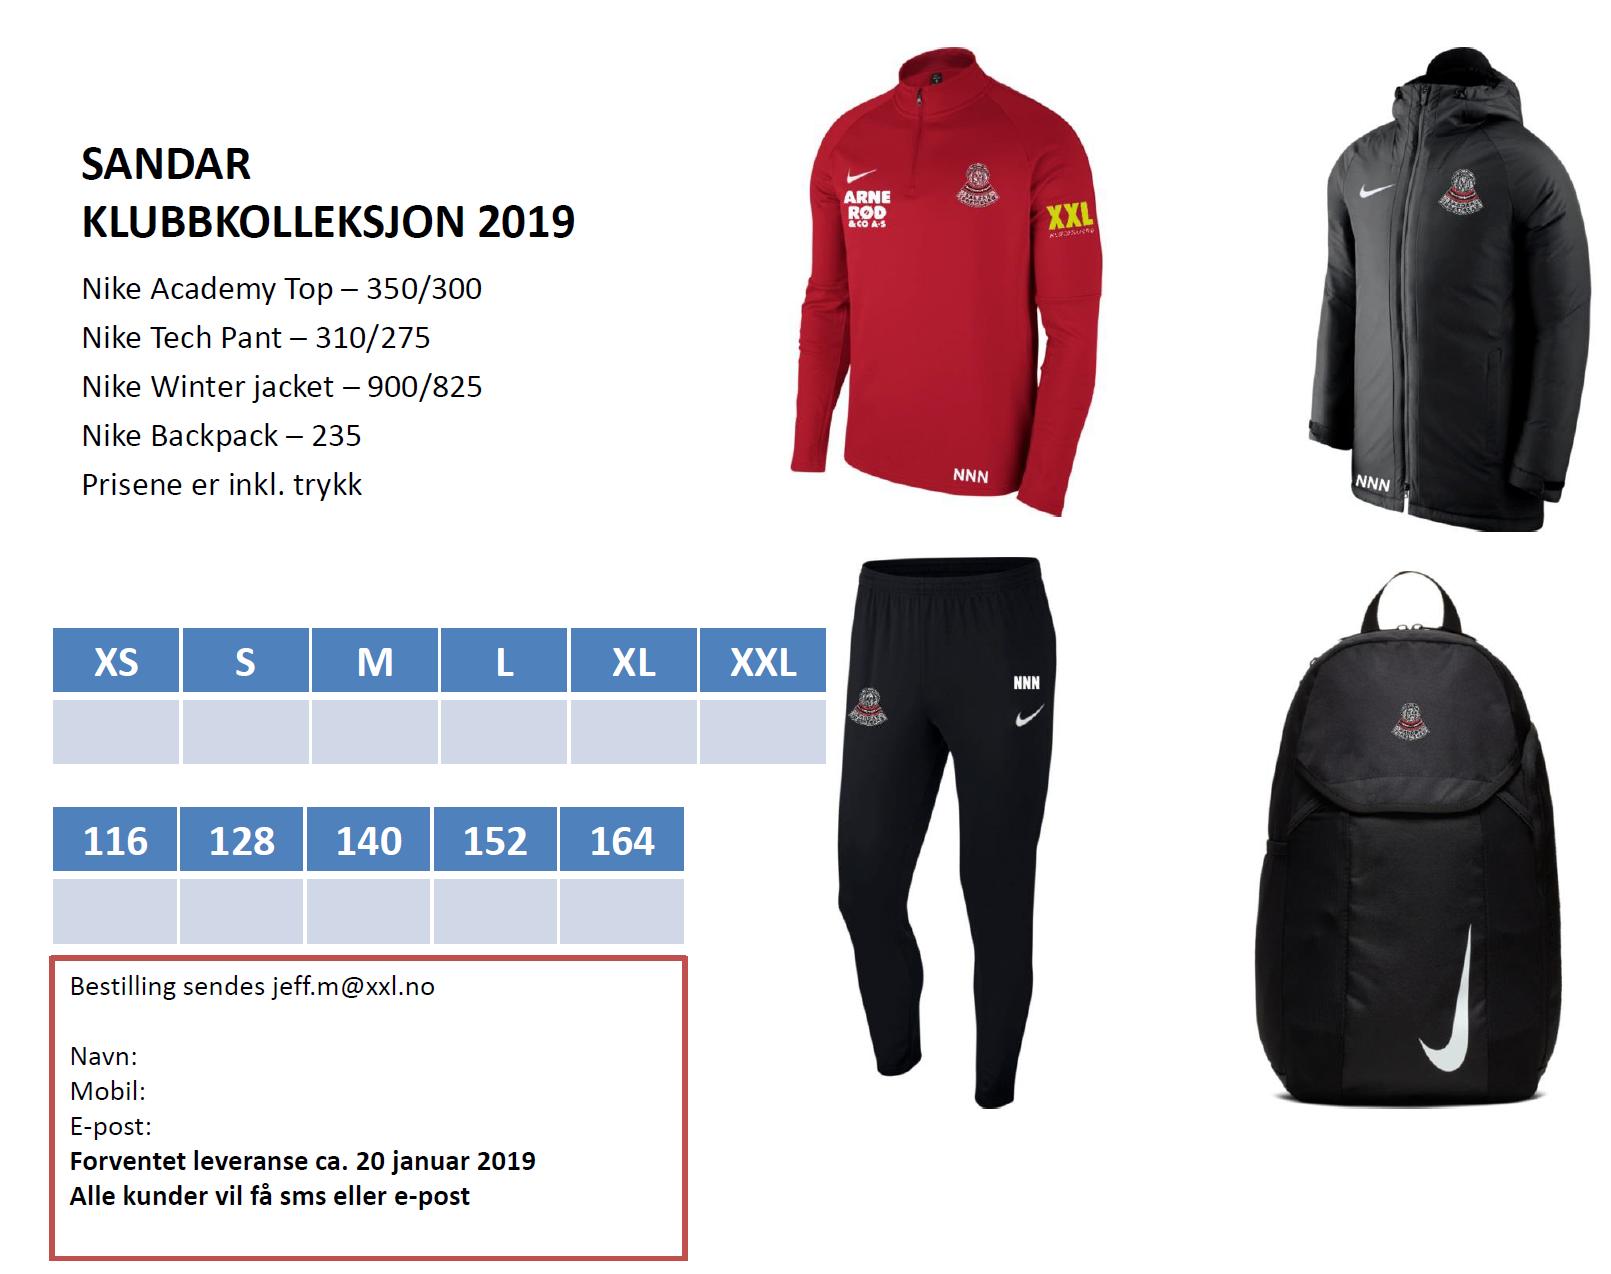 Sandar klubbkolleksjon XXL Nike 2019